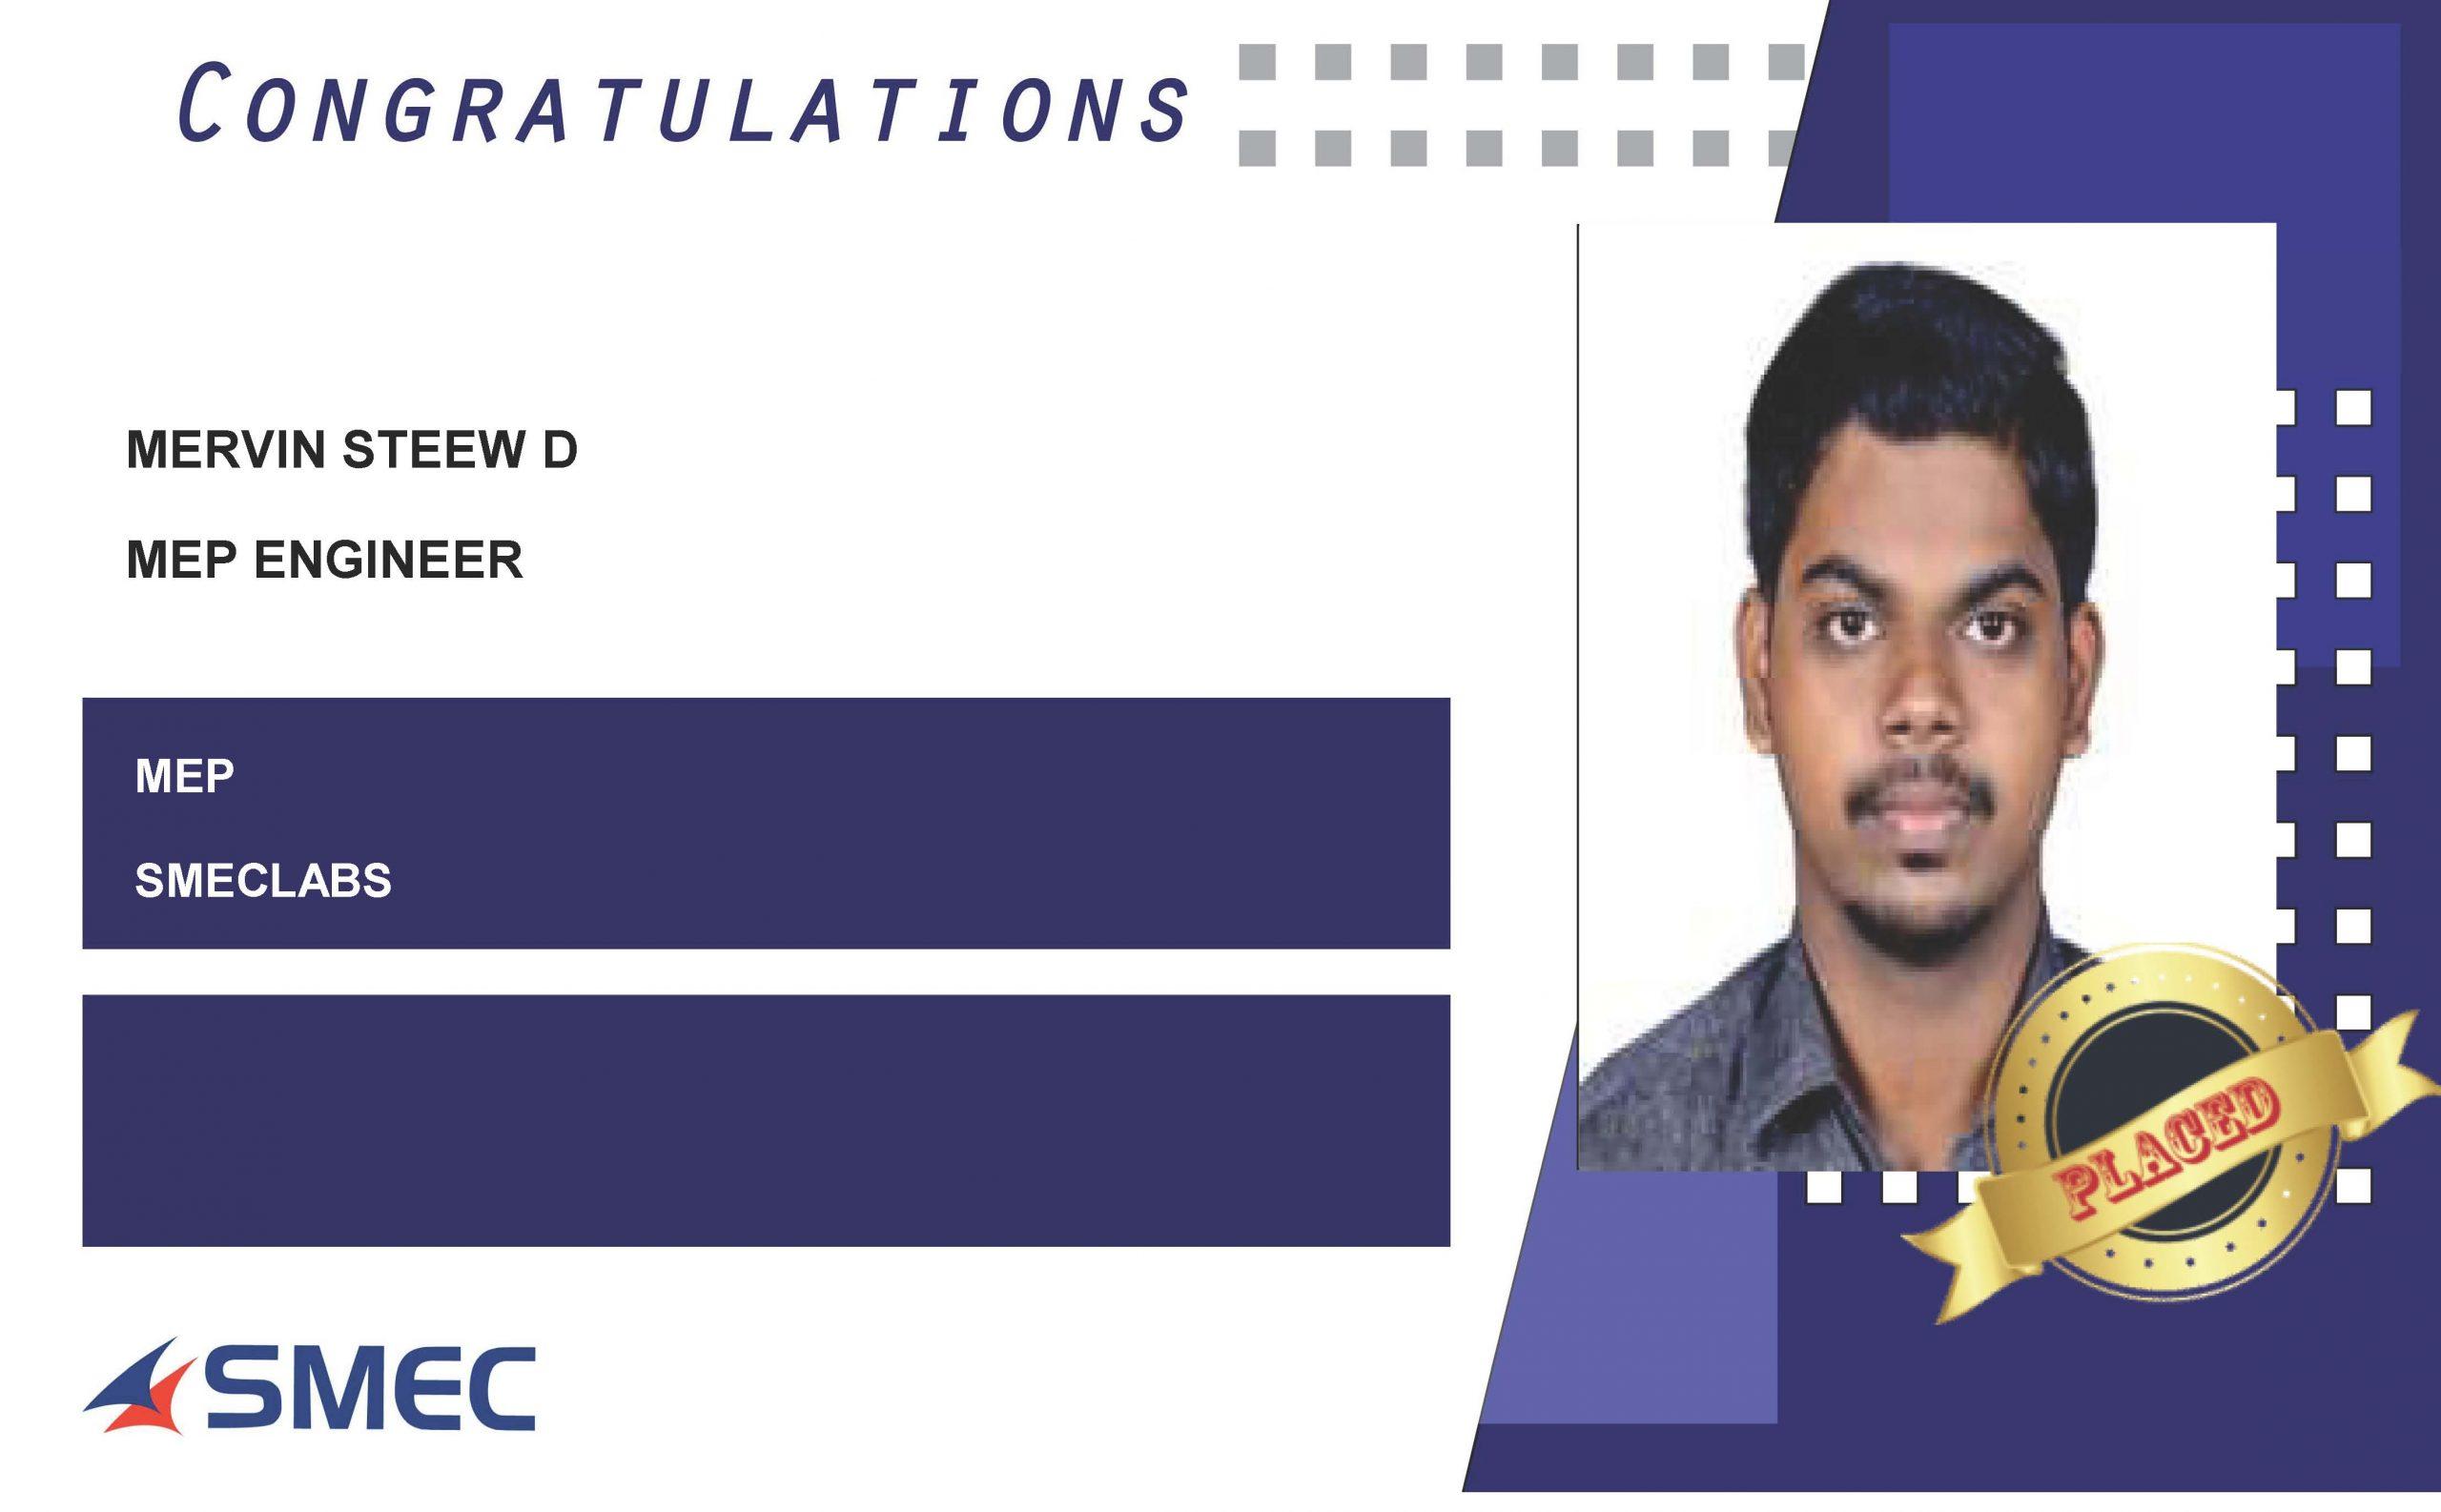 Mep engineer careers-Mervin Steew D